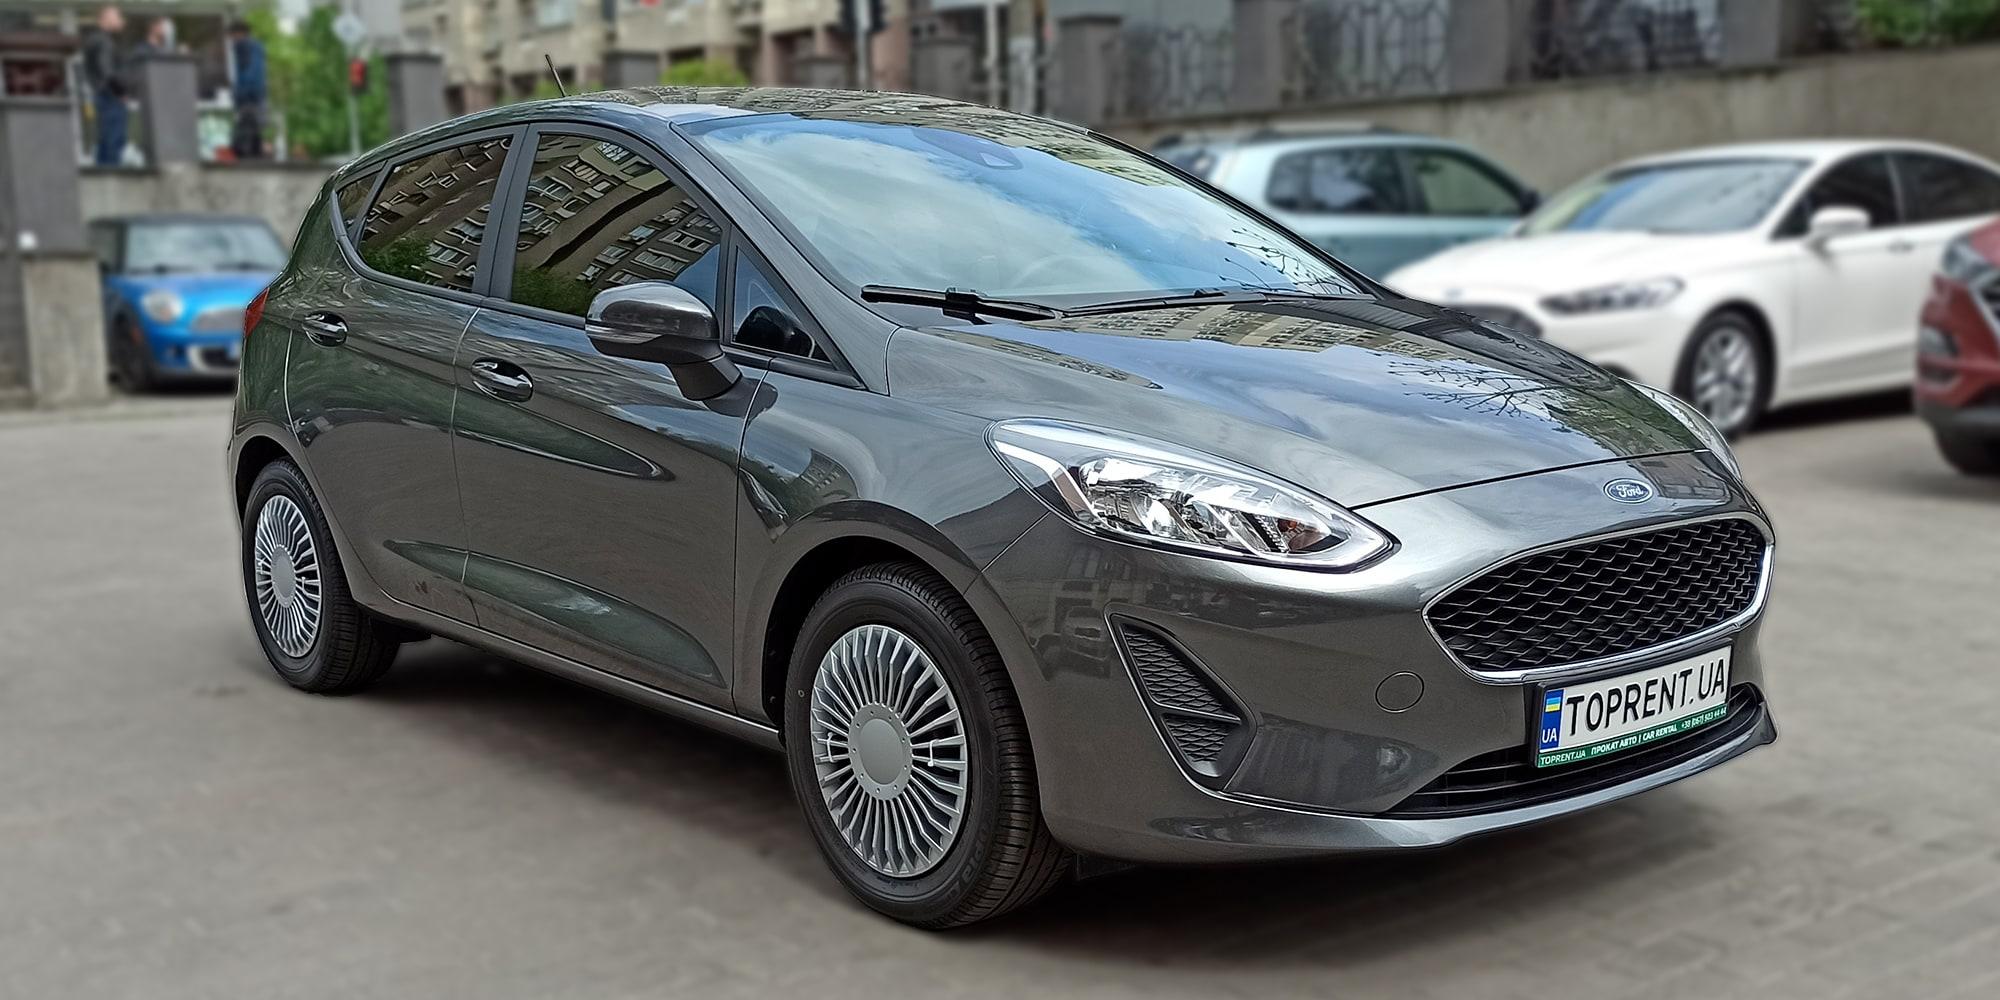 Прокат и аренда авто Ford Fiesta new - фото 2 | TOPrent.ua